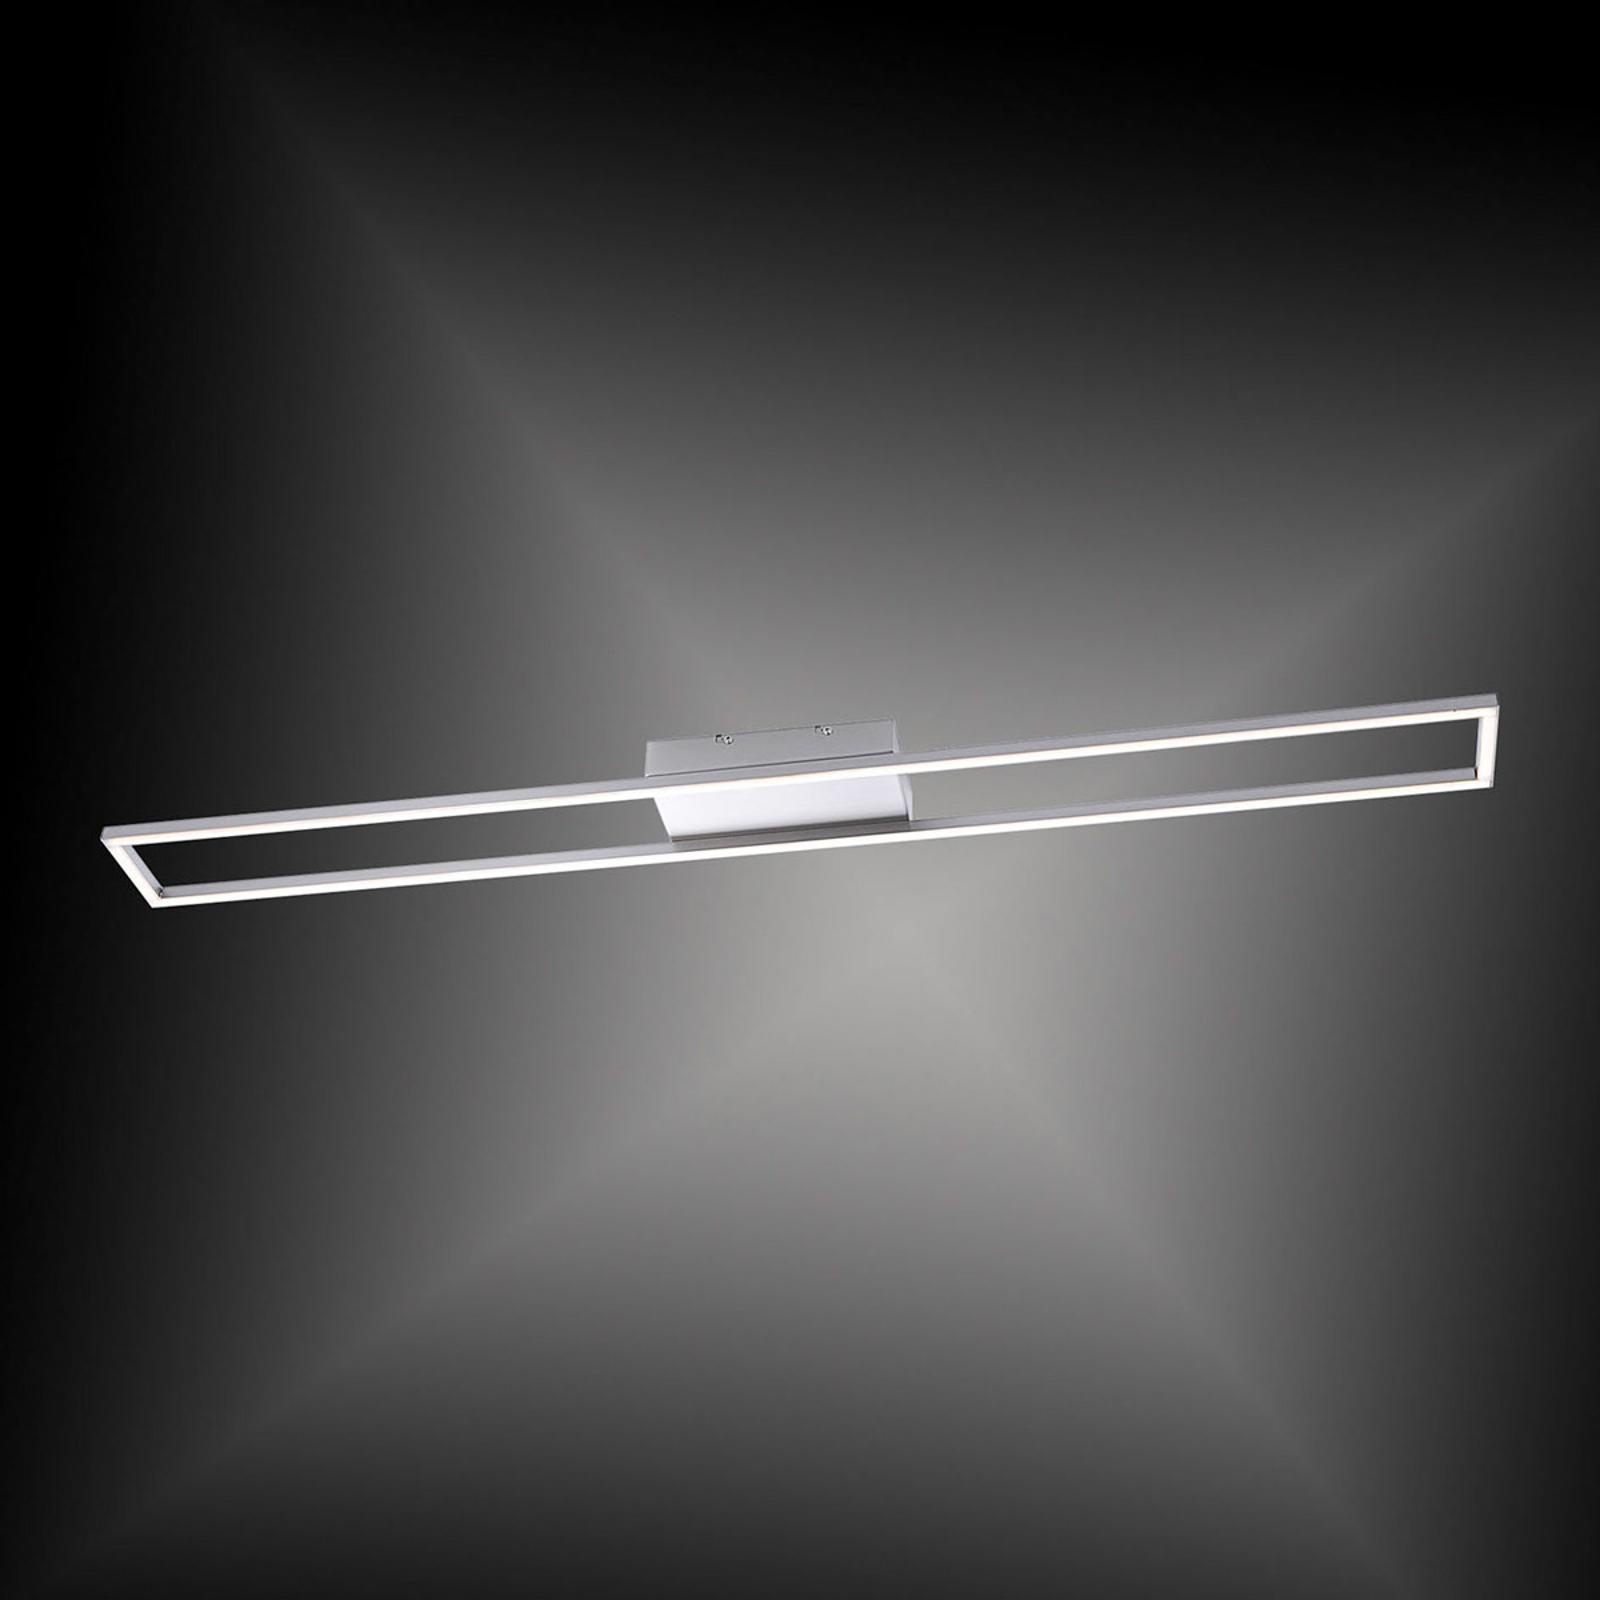 Lampa sufitowa LED Inigo, 110 cm